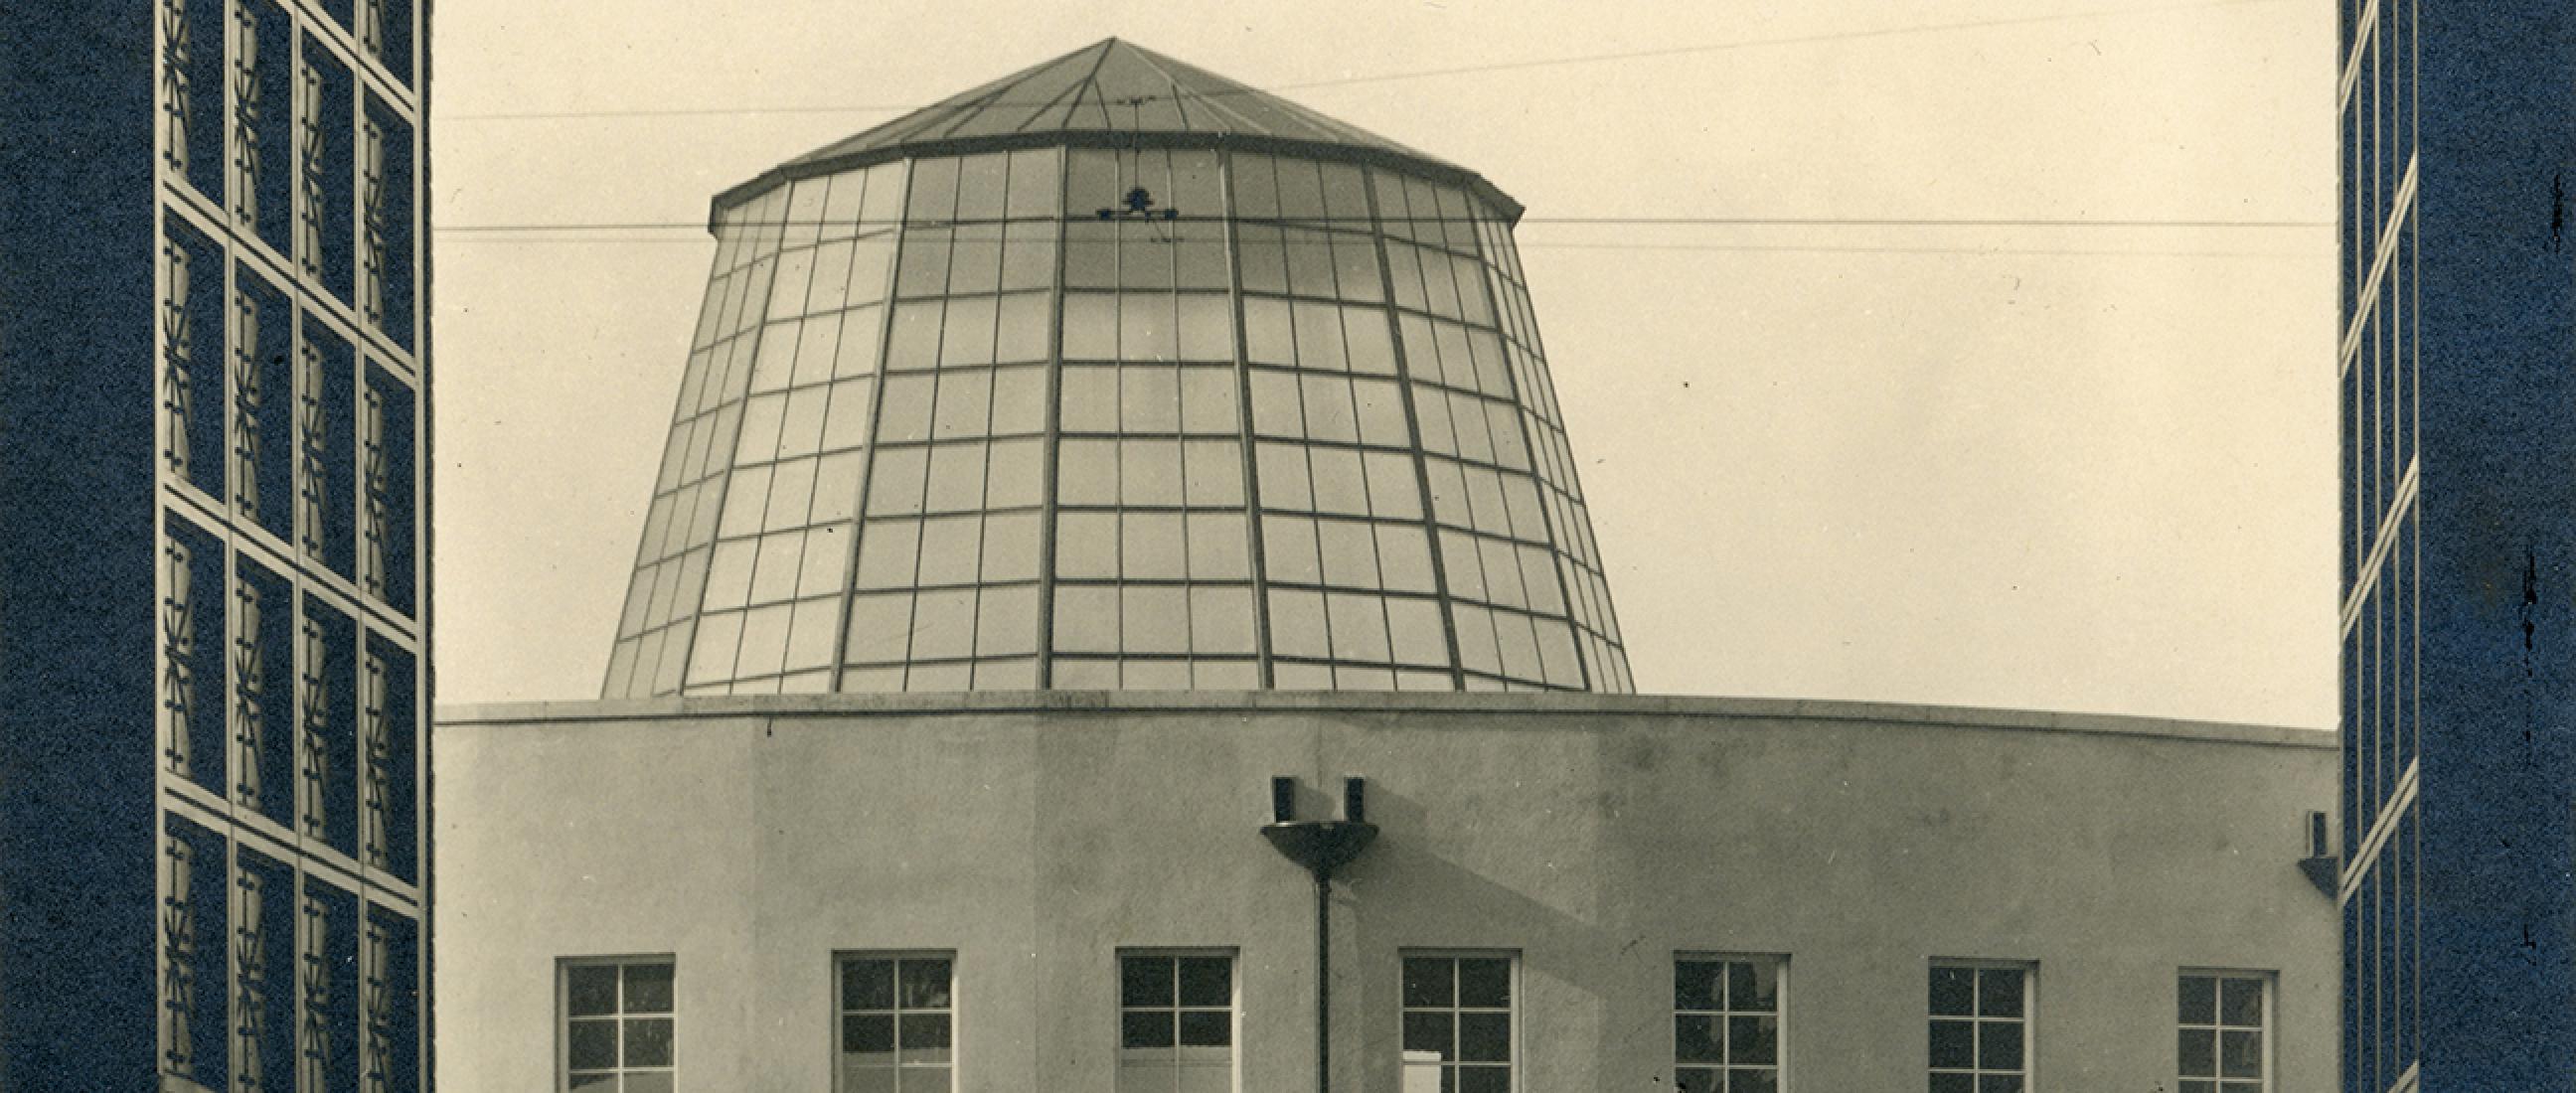 Rotunde von der Postverwaltung im Osten des Areals aus gesehen, ca. 1929 © Museumsstiftung Post und Telekommunikation